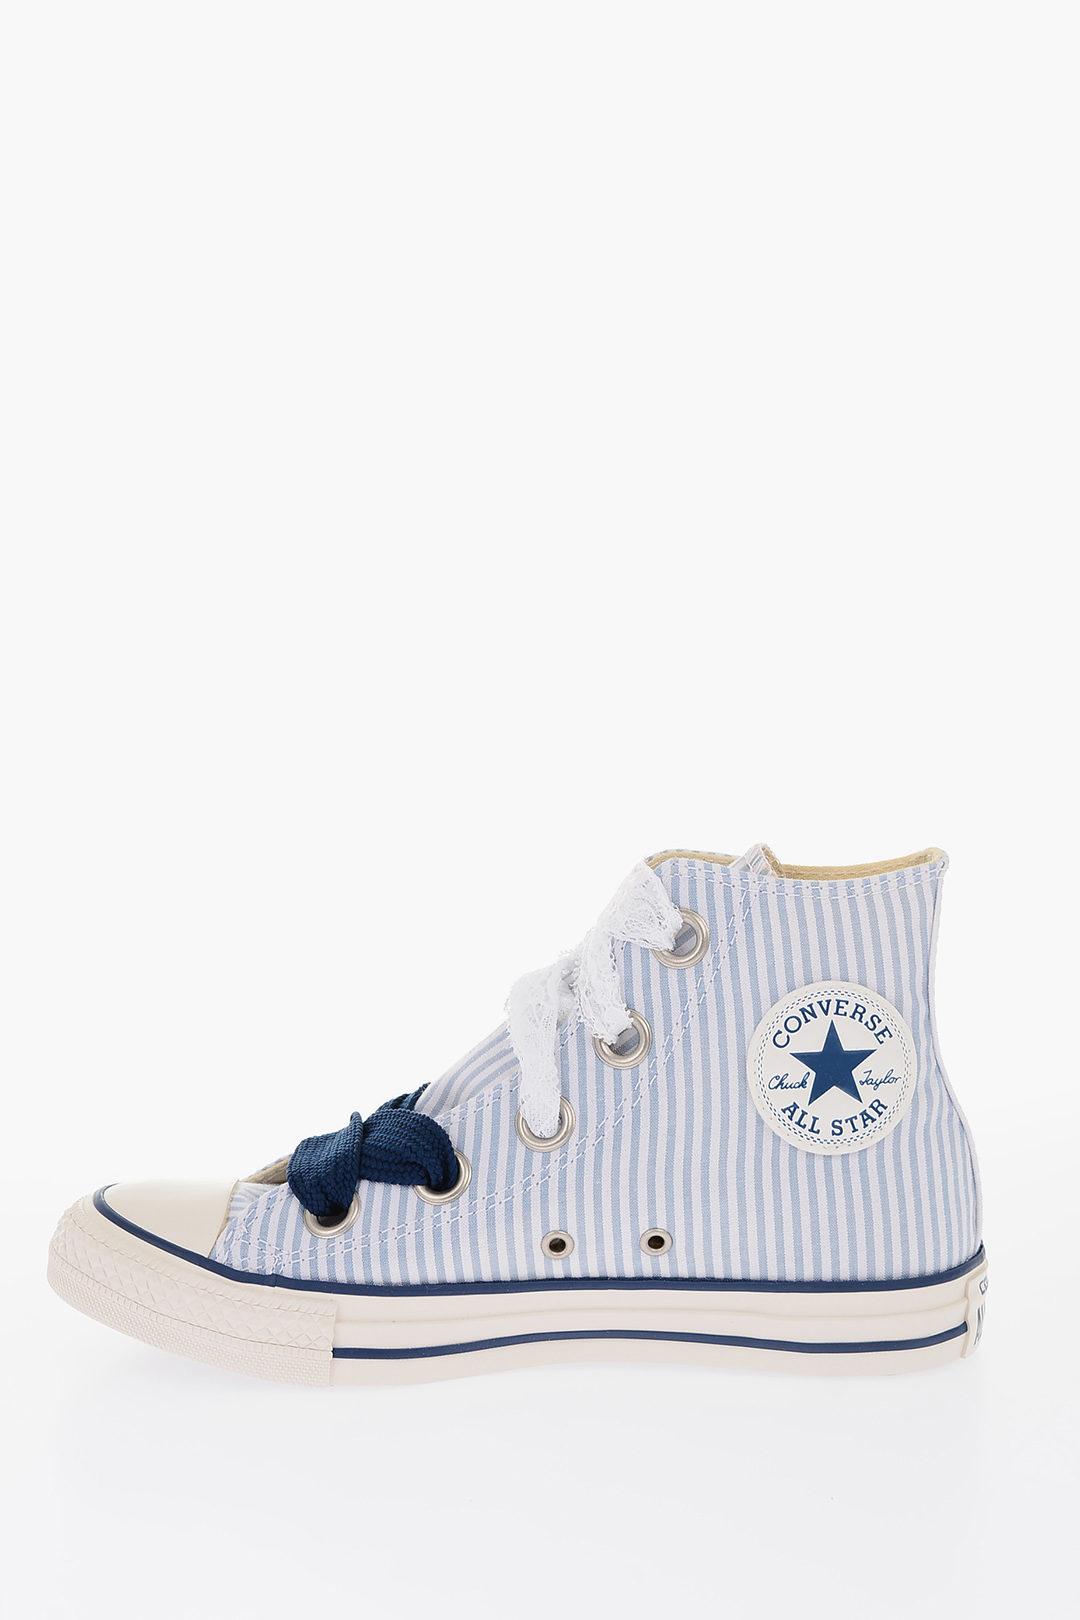 ALL STAR Sneaker Alte a Righe con Lacci in Pizzo